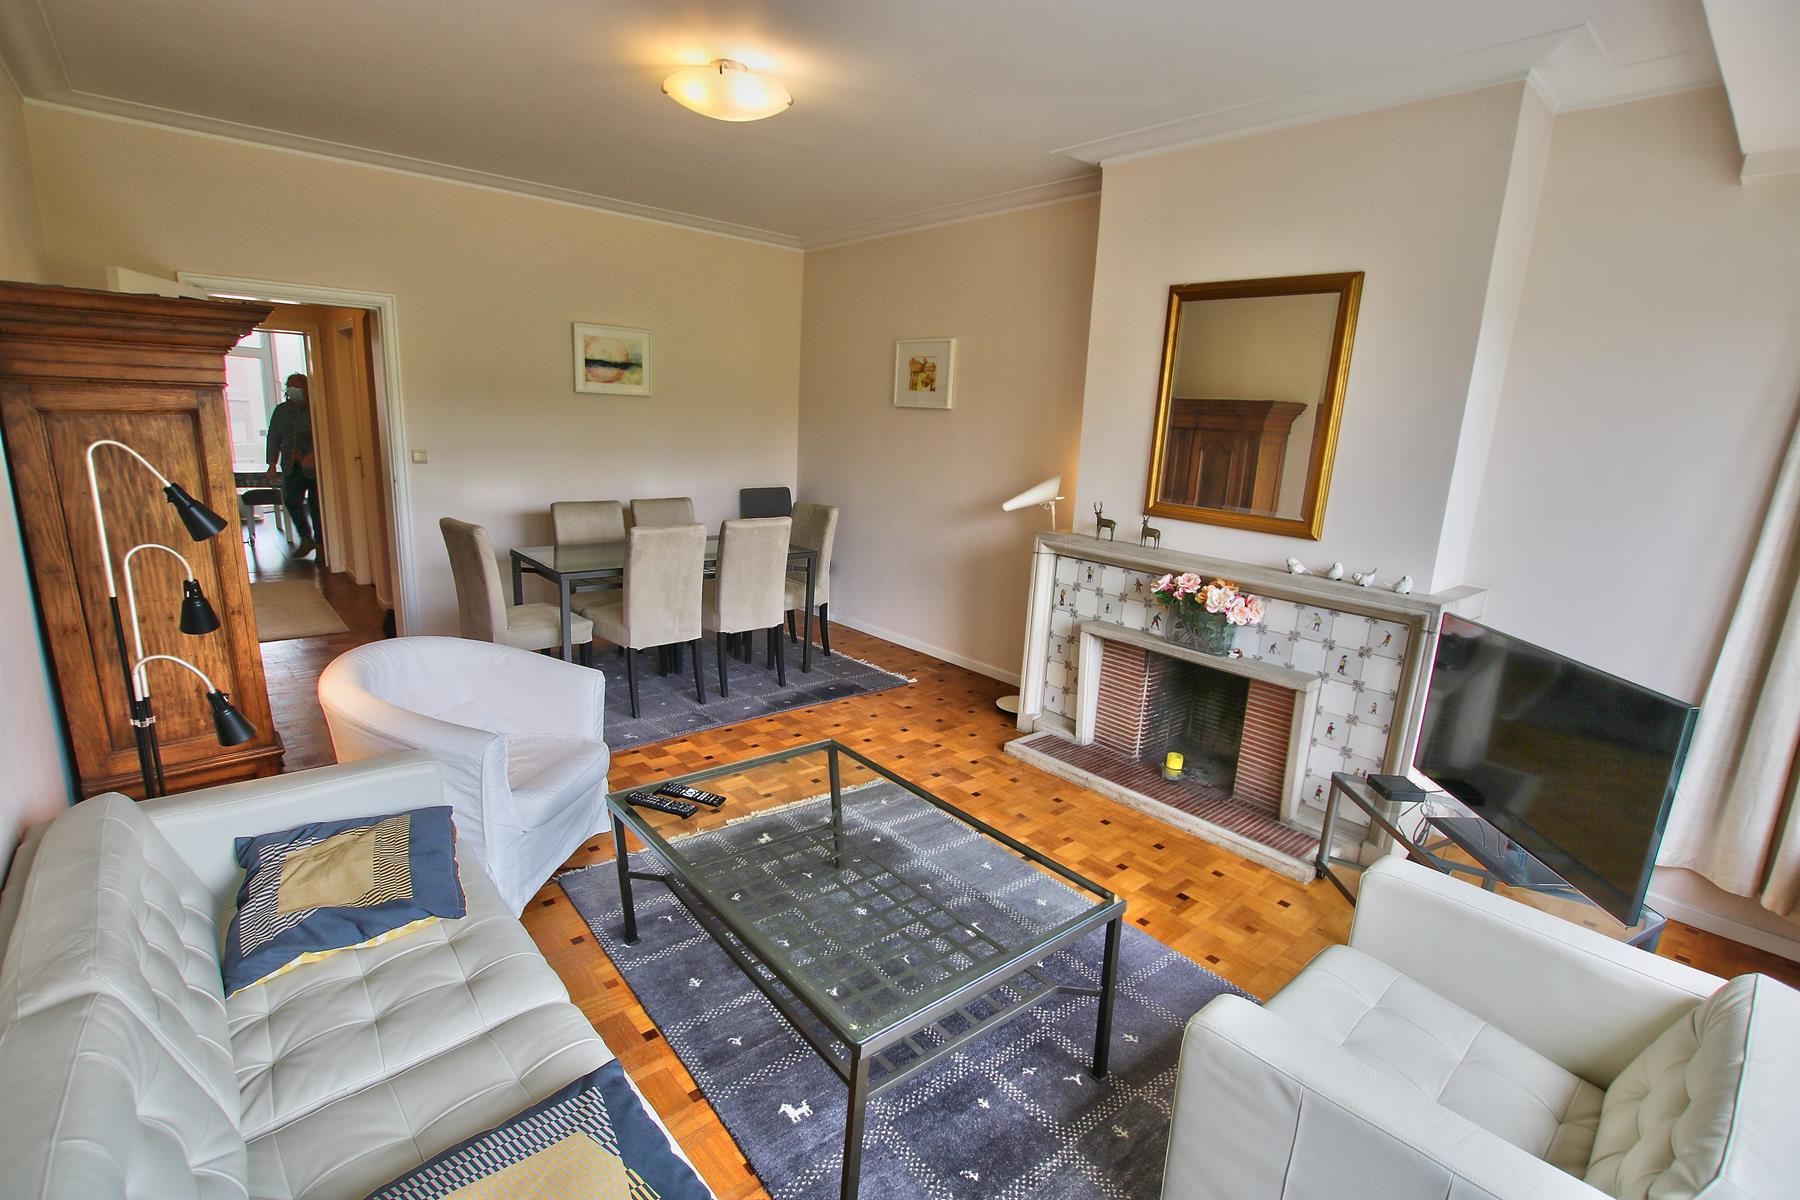 Appartement - Etterbeek - #4545830-1